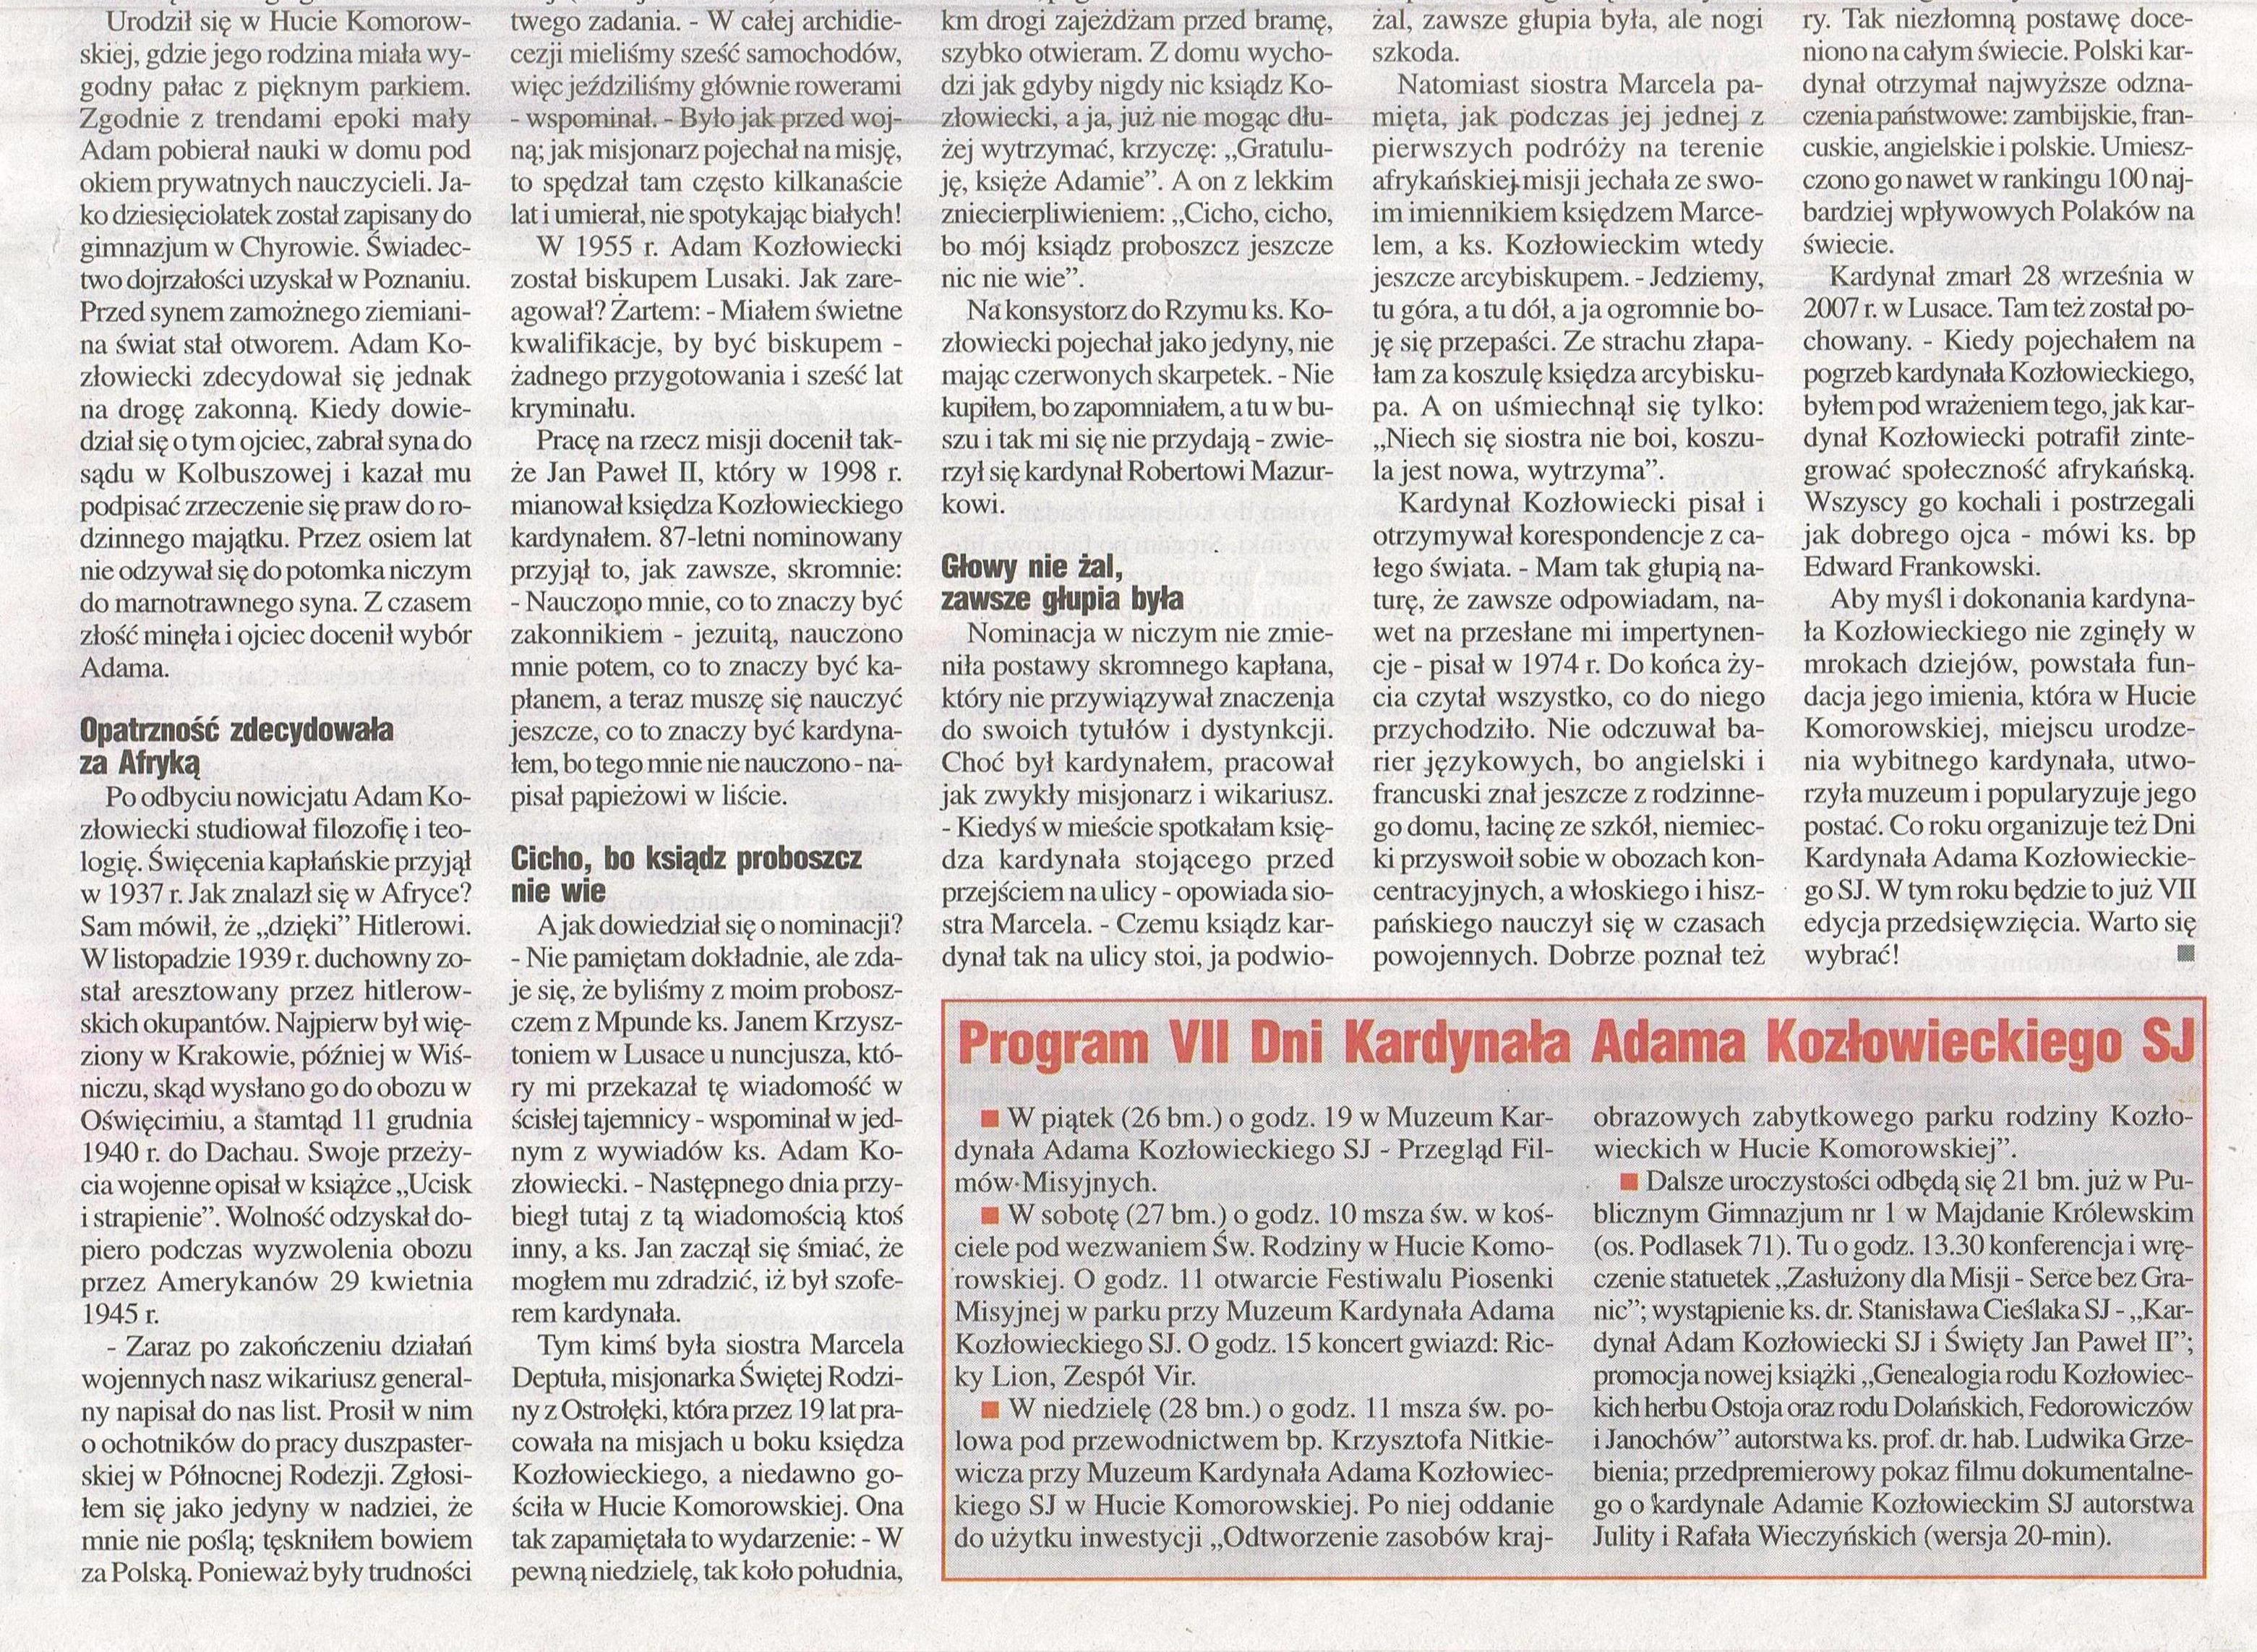 Super Nowości, 19-21.09.2014, str. 2